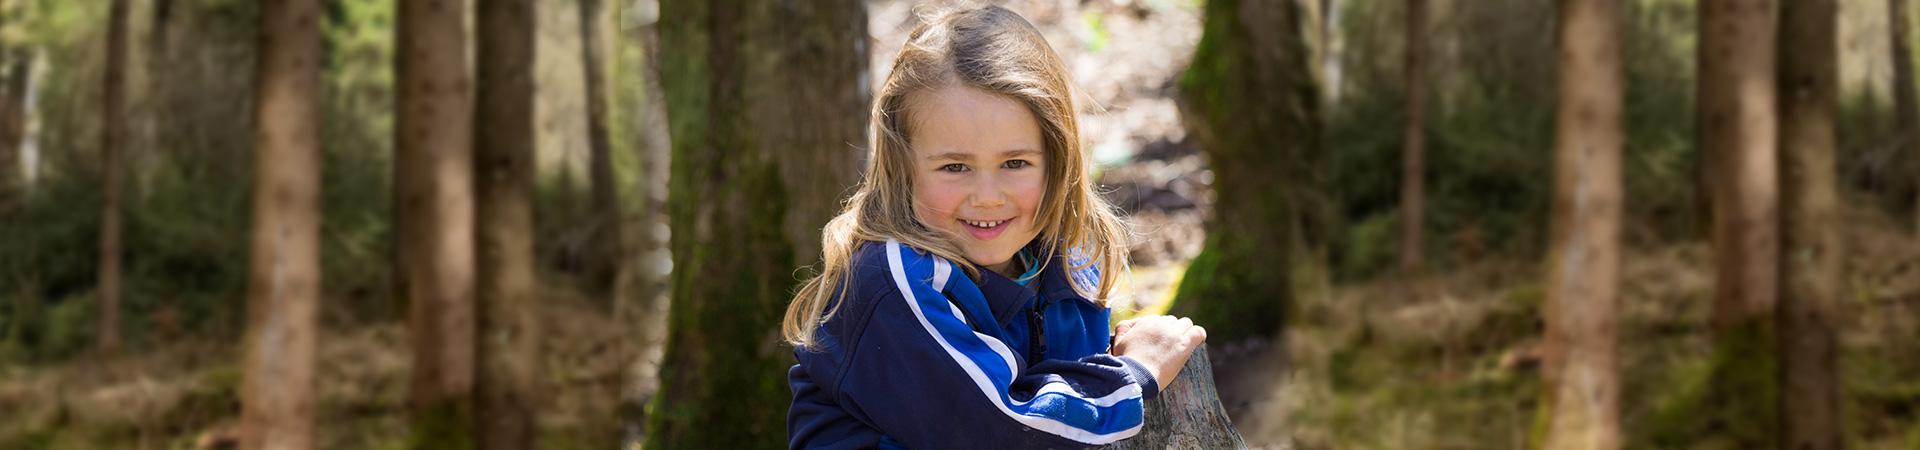 Naturkind & Pony Walderlebnis für Kinder und Erwachsene - Ponys Pferde Reiten und Wald erleben in Bayern nahe Salzburg